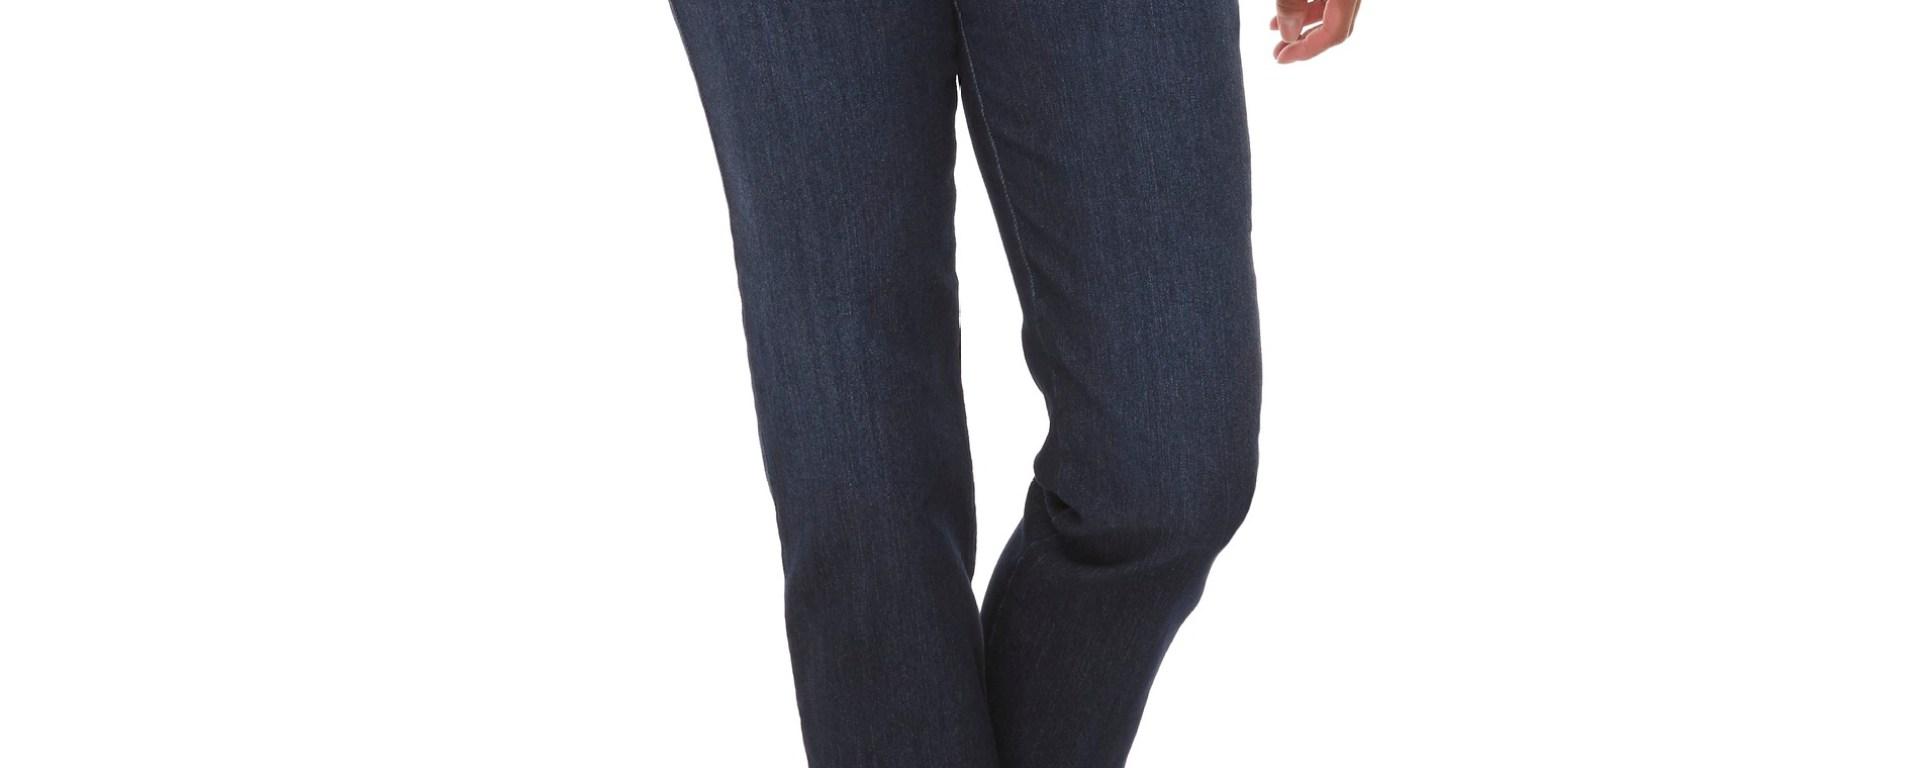 Gloria Vanderbilt Petites Classic Fit Amanda Jeans